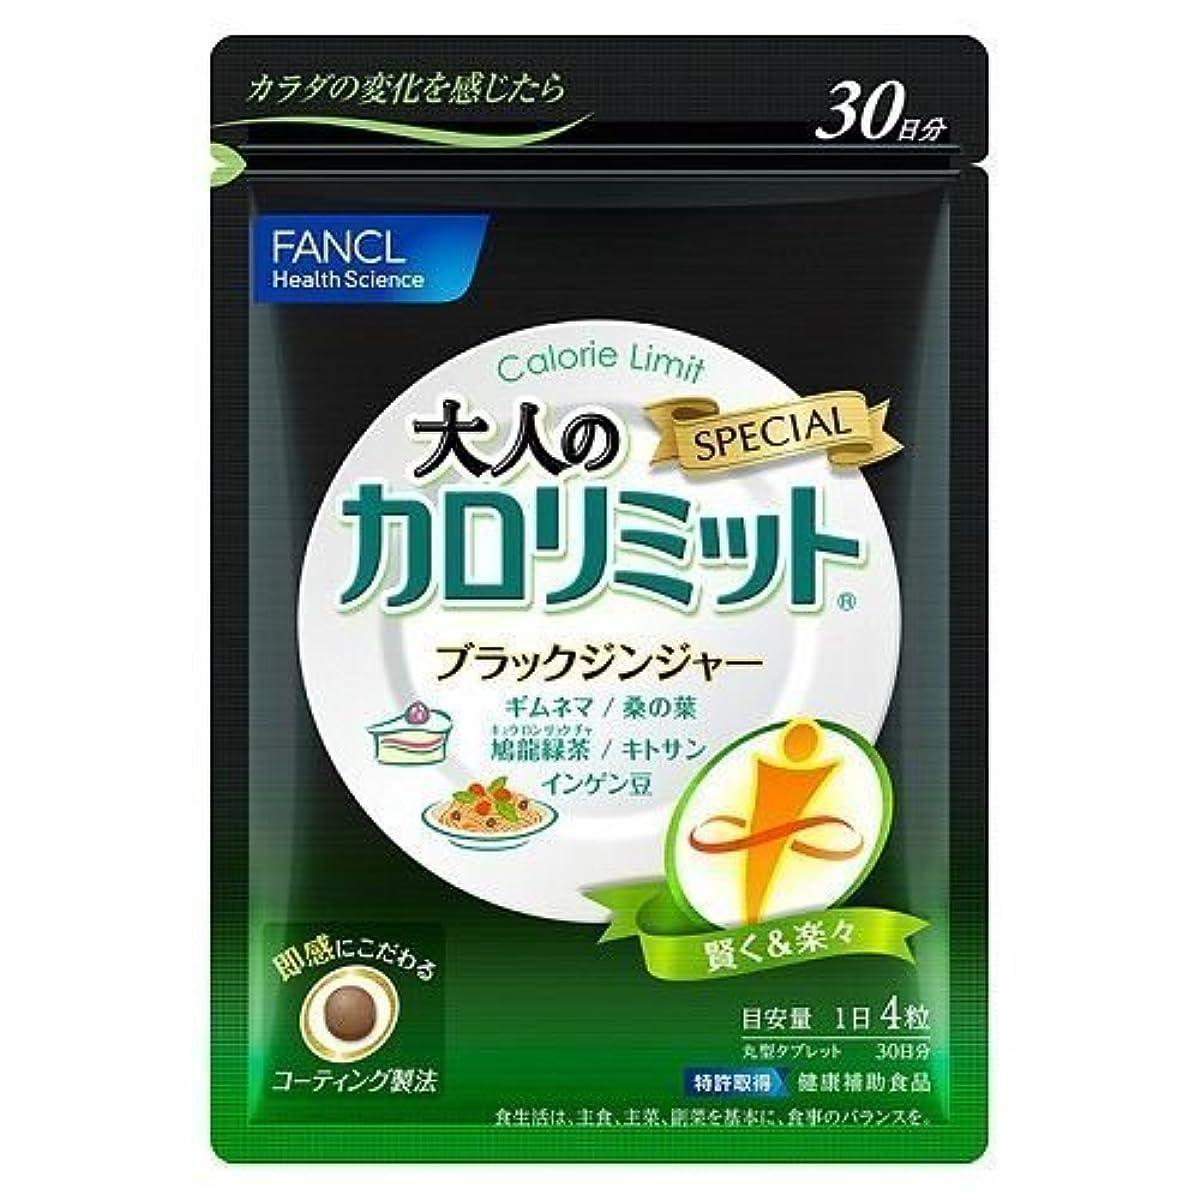 [해외] 후게루 성인용 칼로리 미트30일분 120알×2 포